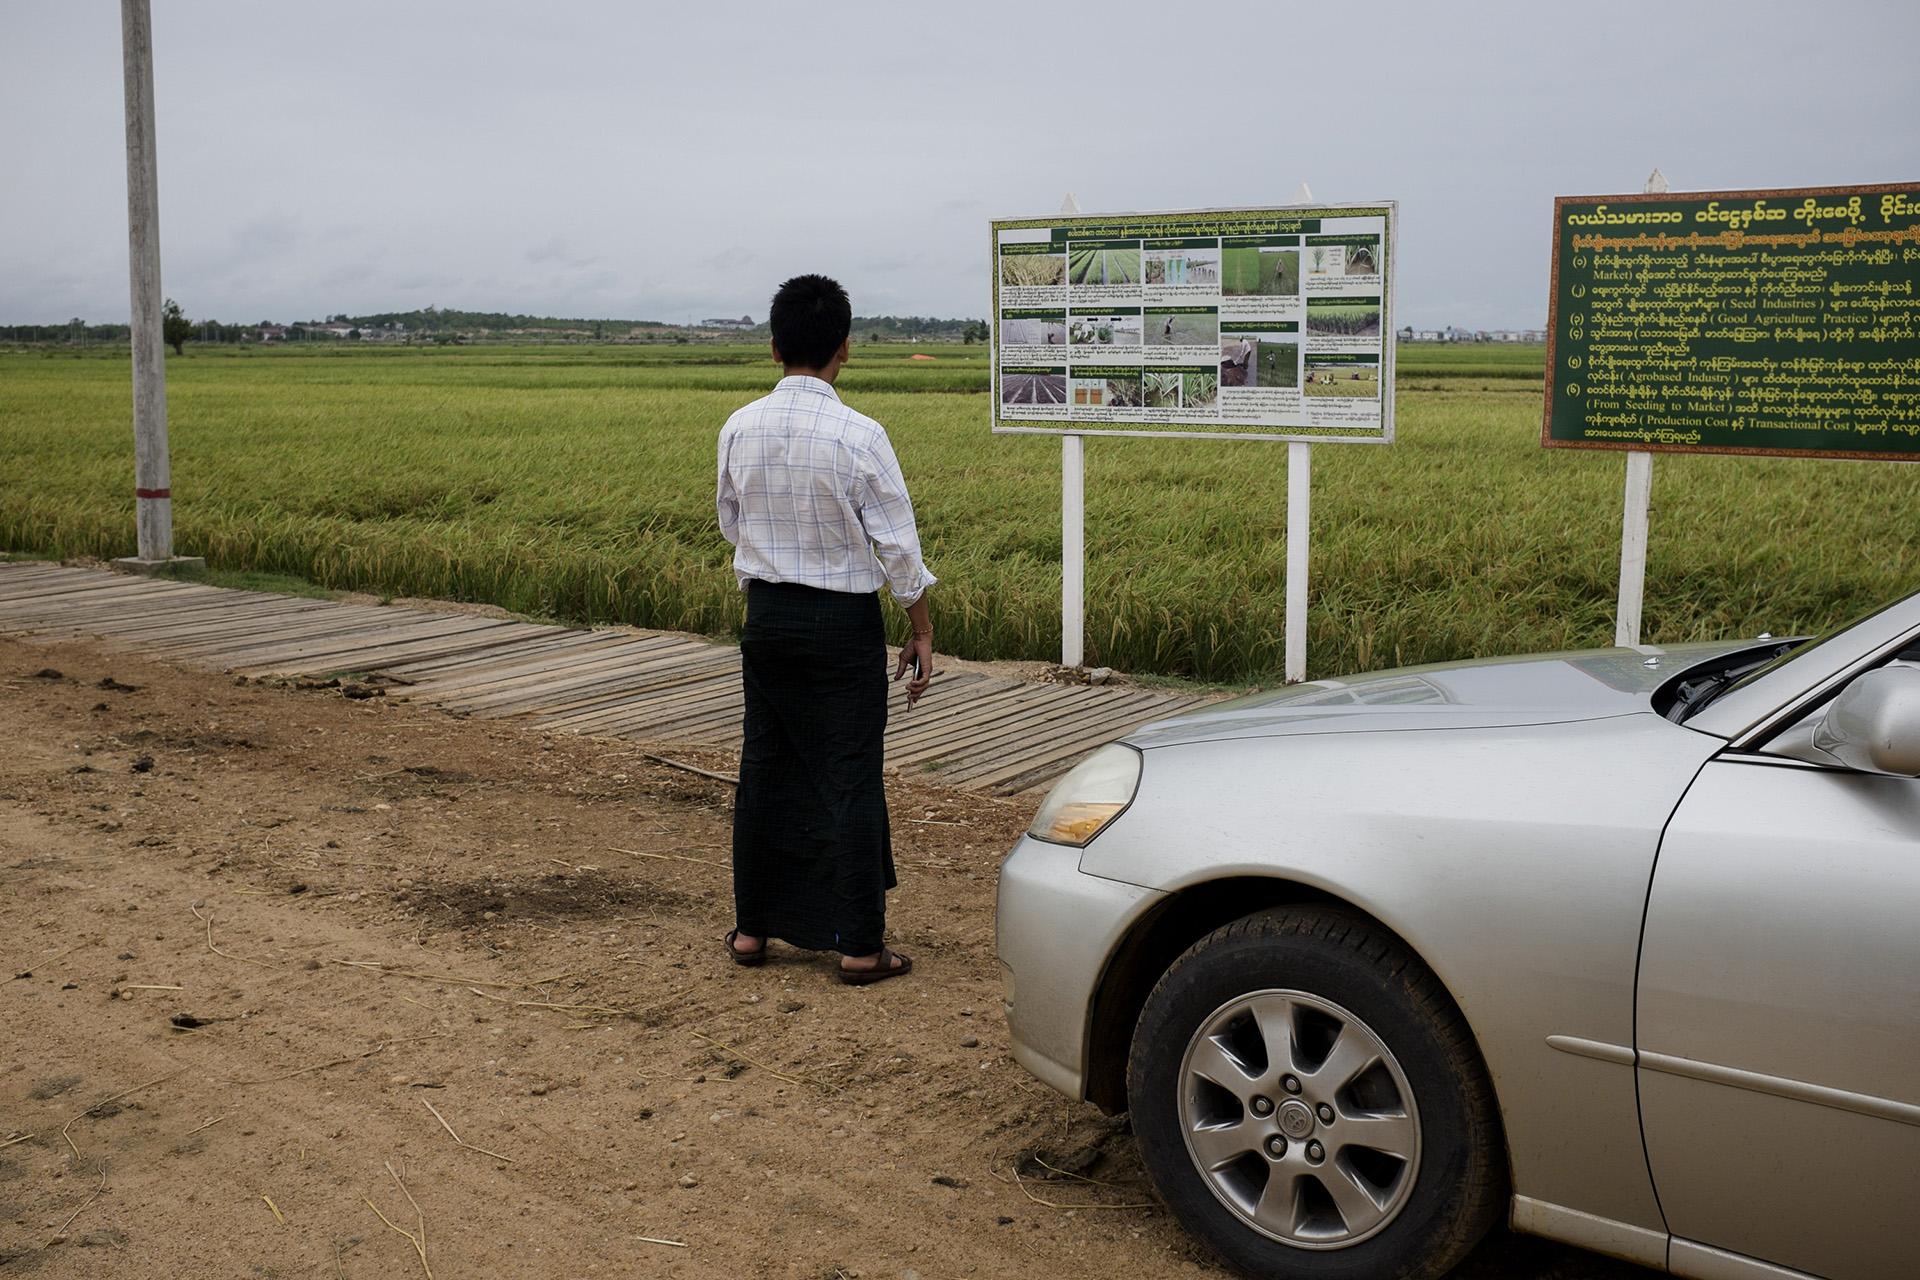 Cet homme a décidé quelques années plus tôt de devenir taxi pour augmenter ses revenus mais il garde un champ qu'il cultive encore. Dans certaines zones de la ville, les rizières occupent la majorité de l'espace, les populations déplacées ont souvent étés relogées dans ces zones. Naypyidaw, Birmanie. Mai 2015.